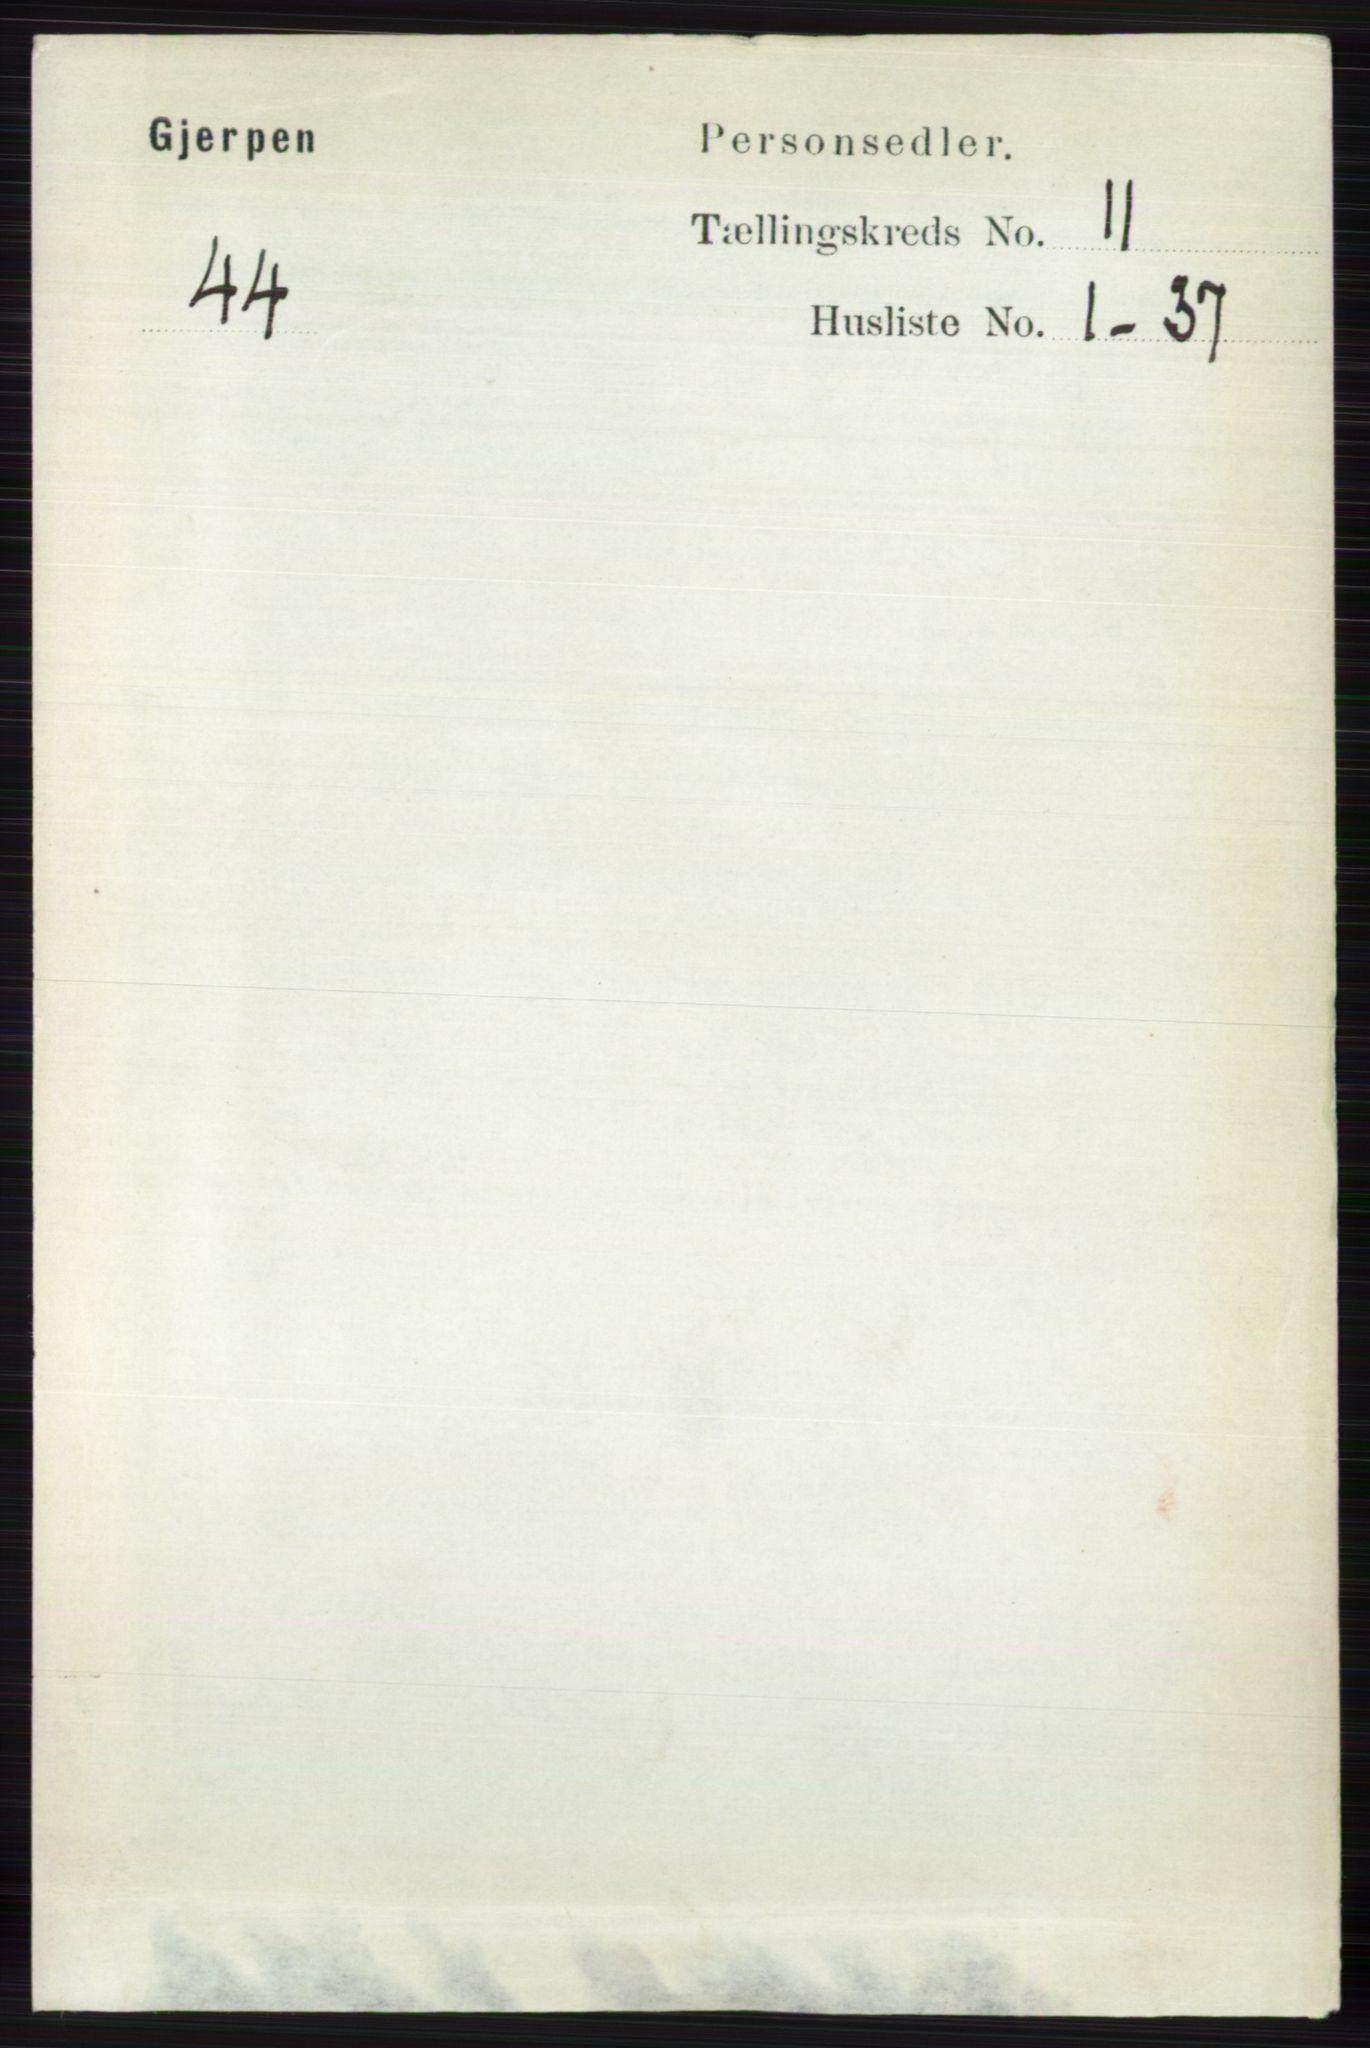 RA, Folketelling 1891 for 0812 Gjerpen herred, 1891, s. 6538